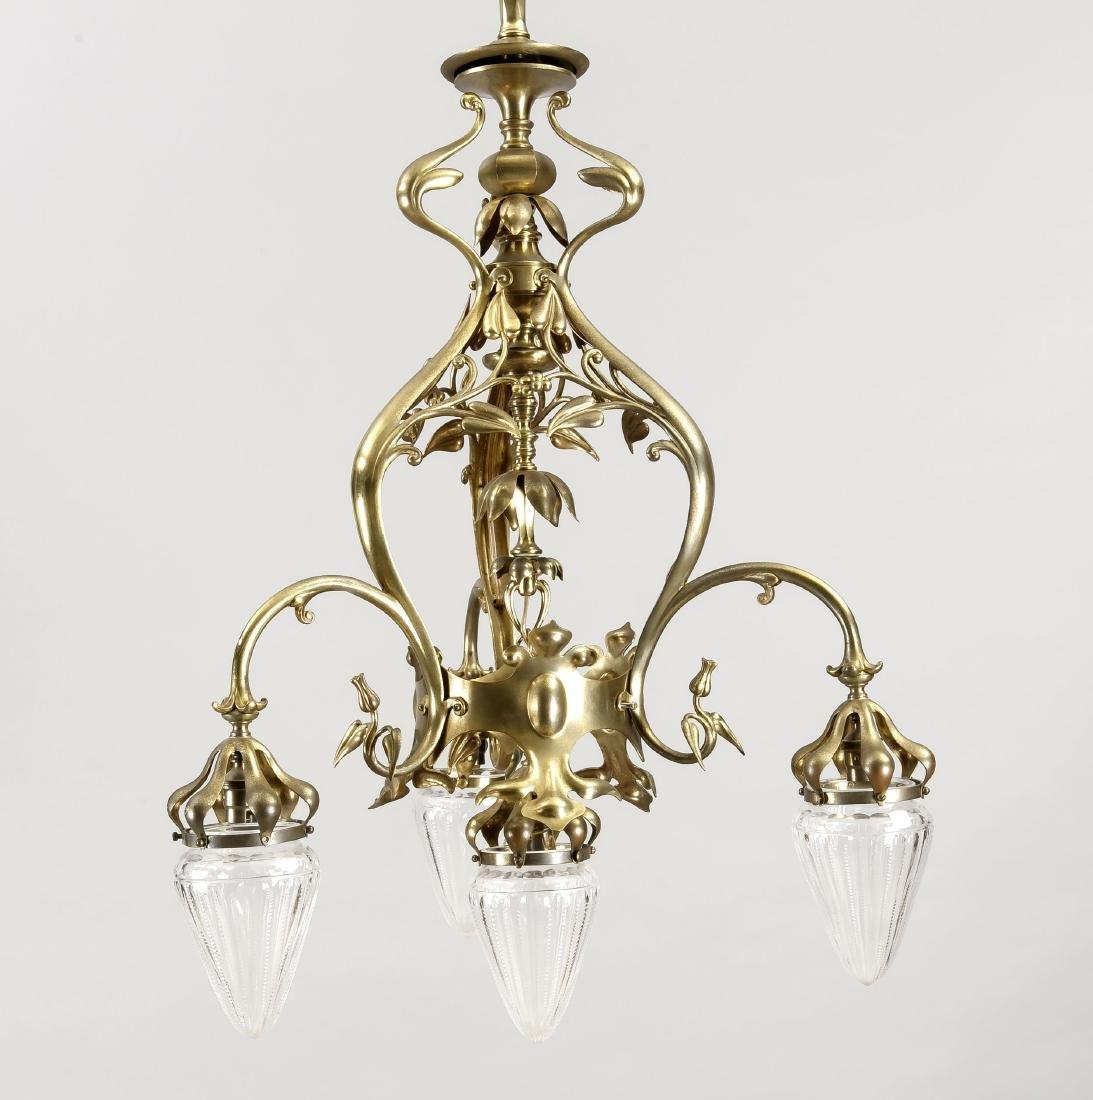 Französische Jugendstil-Deckenlampe um 1900, elektr.,